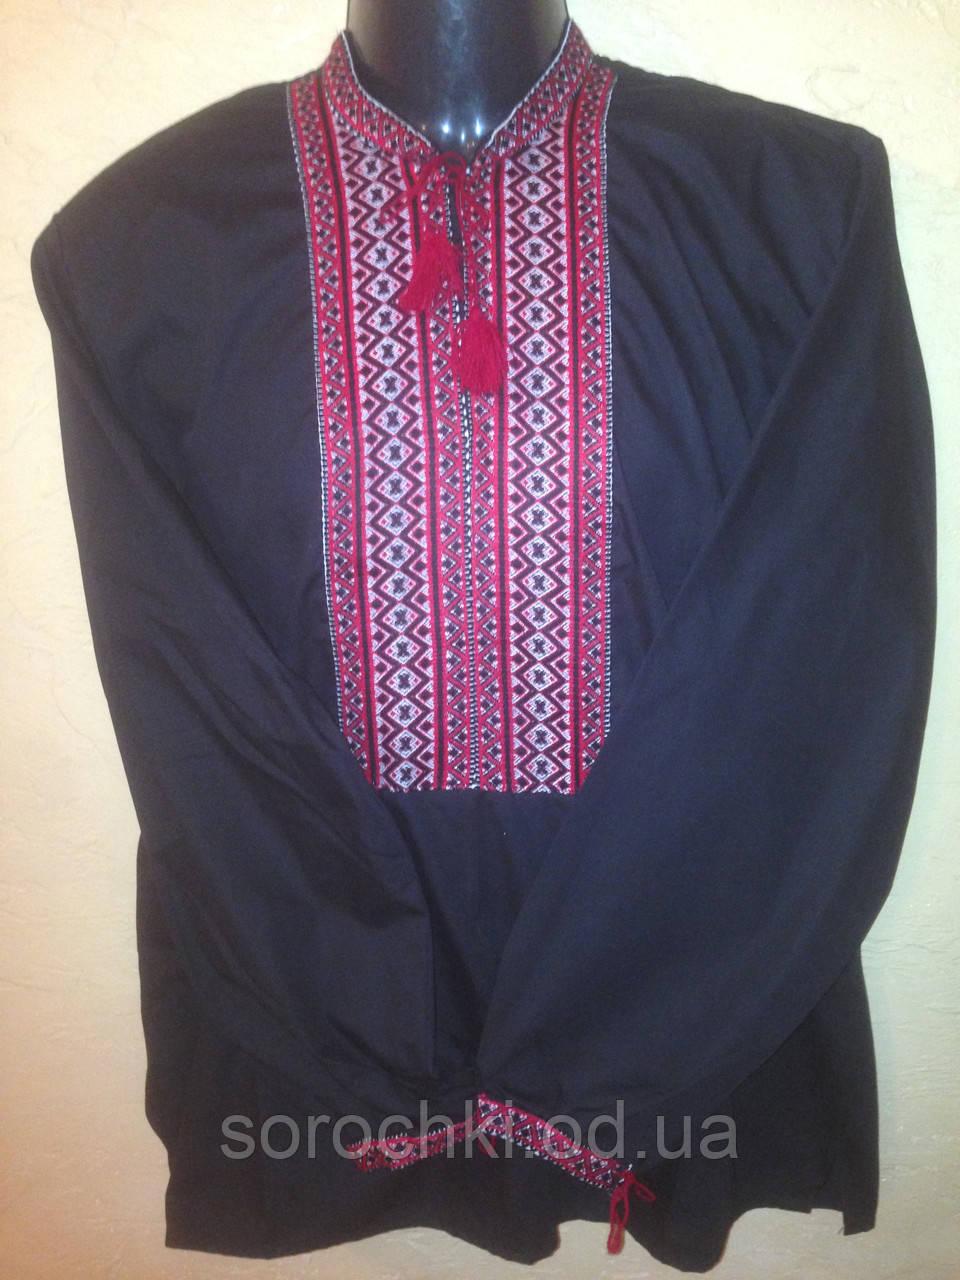 Вышиванка мужская ,  с красной вышивкой , материал  поплин, черная и белая ,прокат